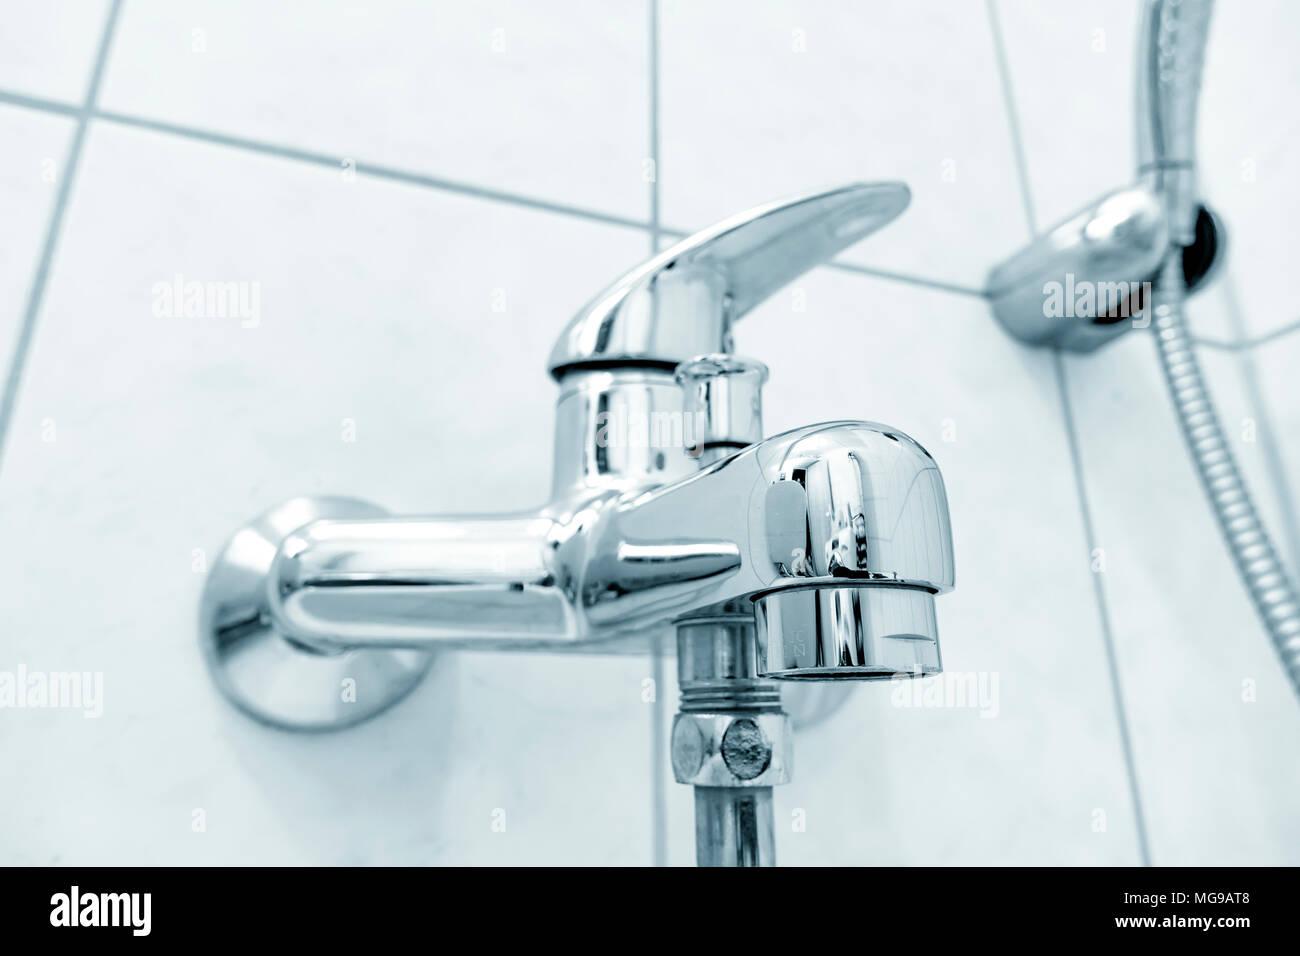 Shower Mixer Stock Photos & Shower Mixer Stock Images - Alamy